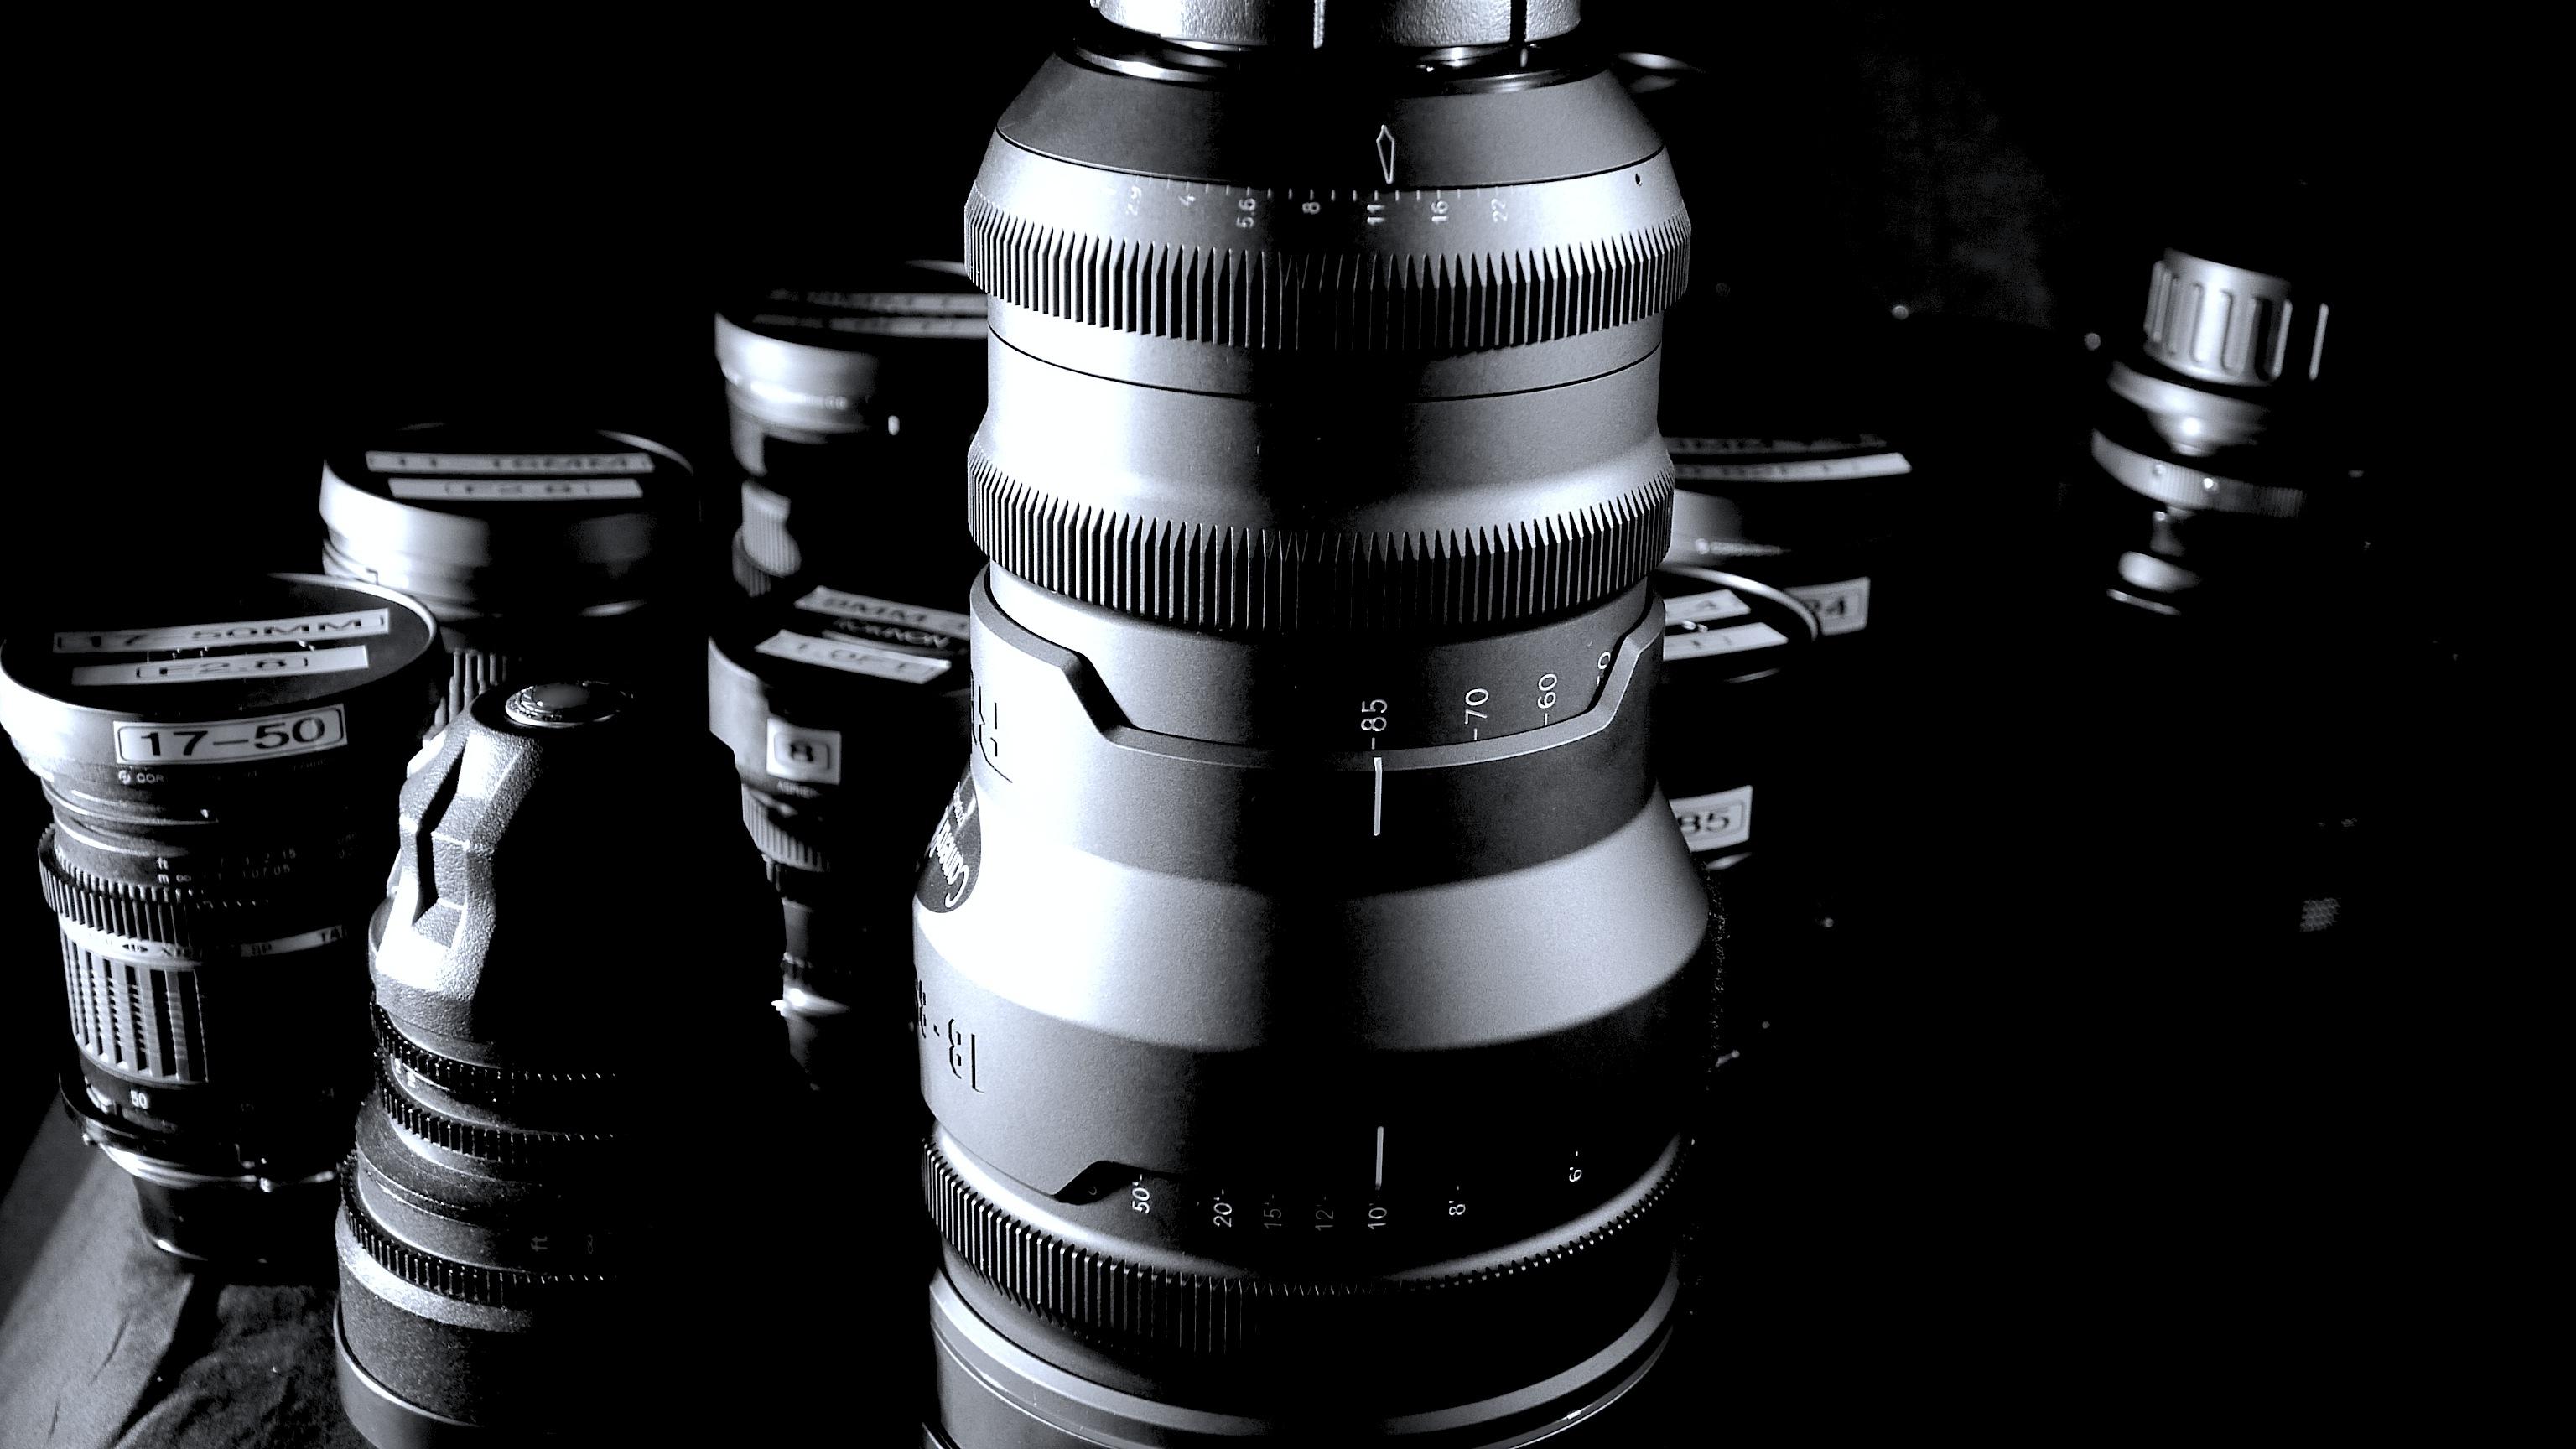 PL Mount lenses